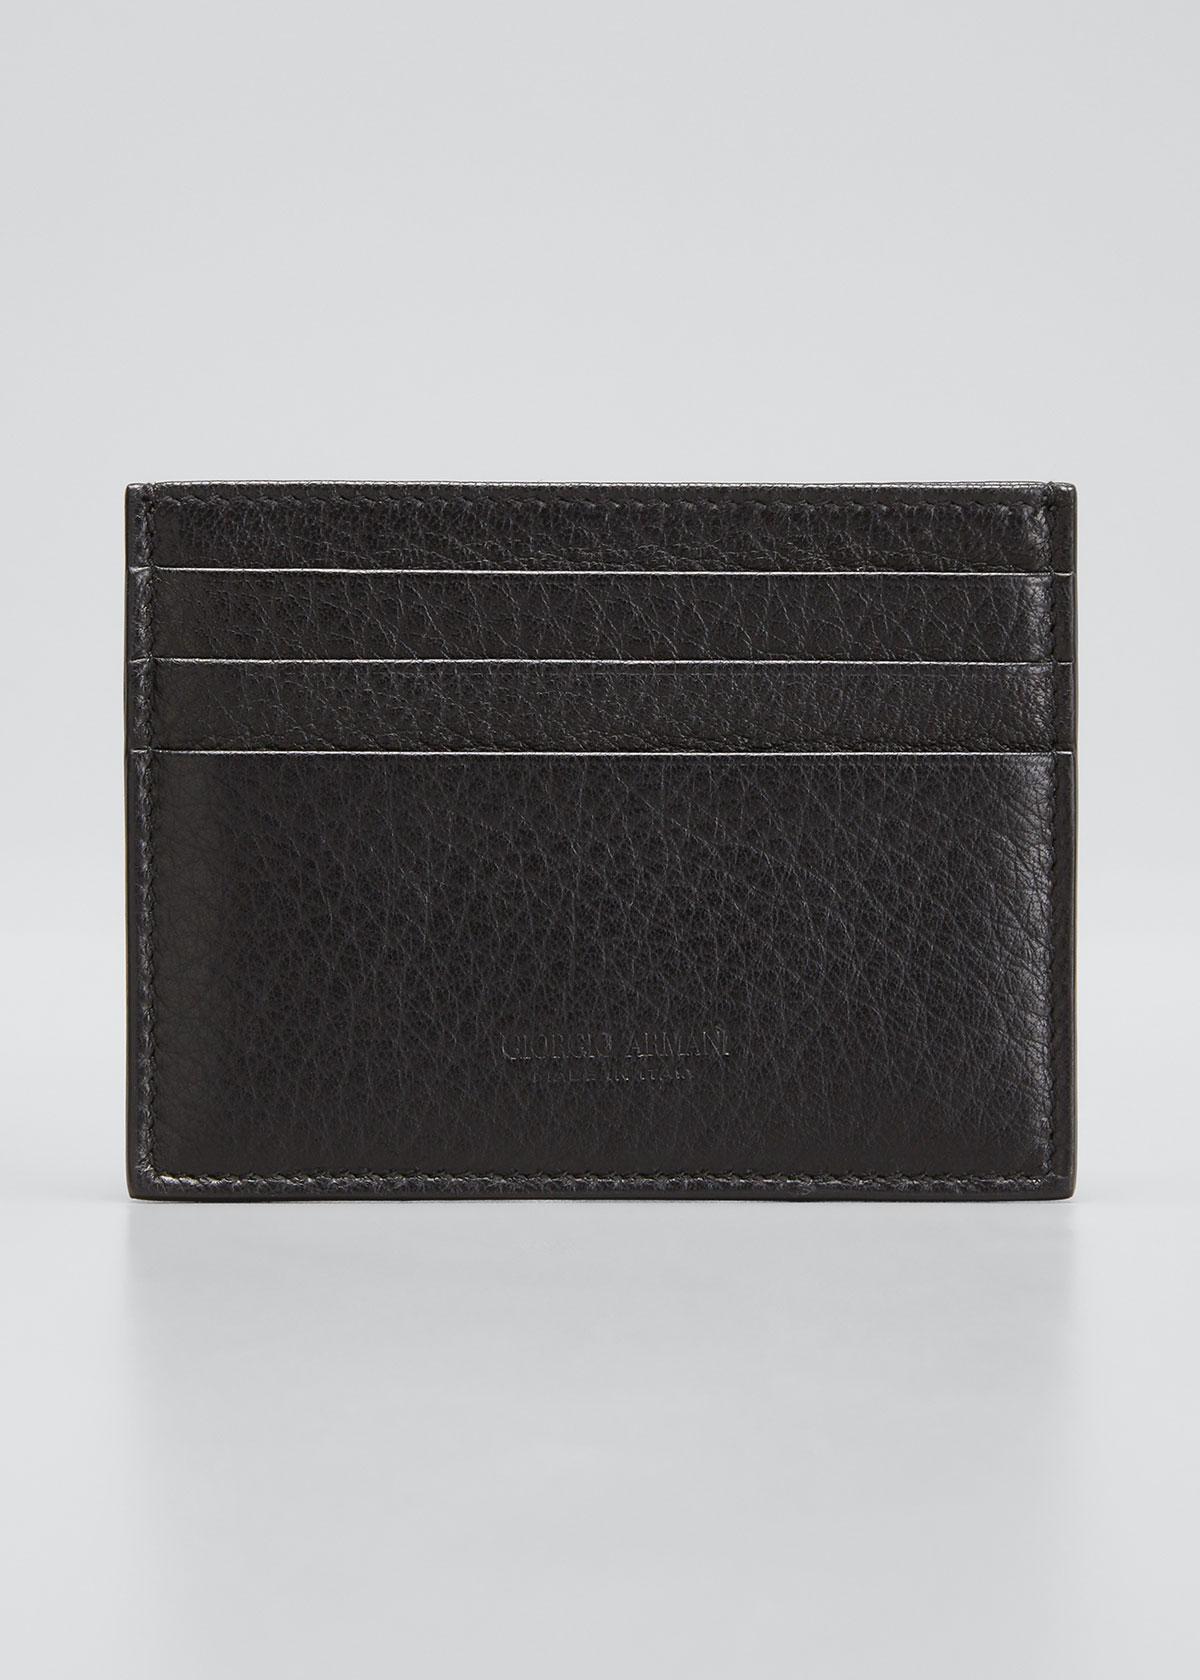 Giorgio Armani LEATHER CARD CASE, BLACK